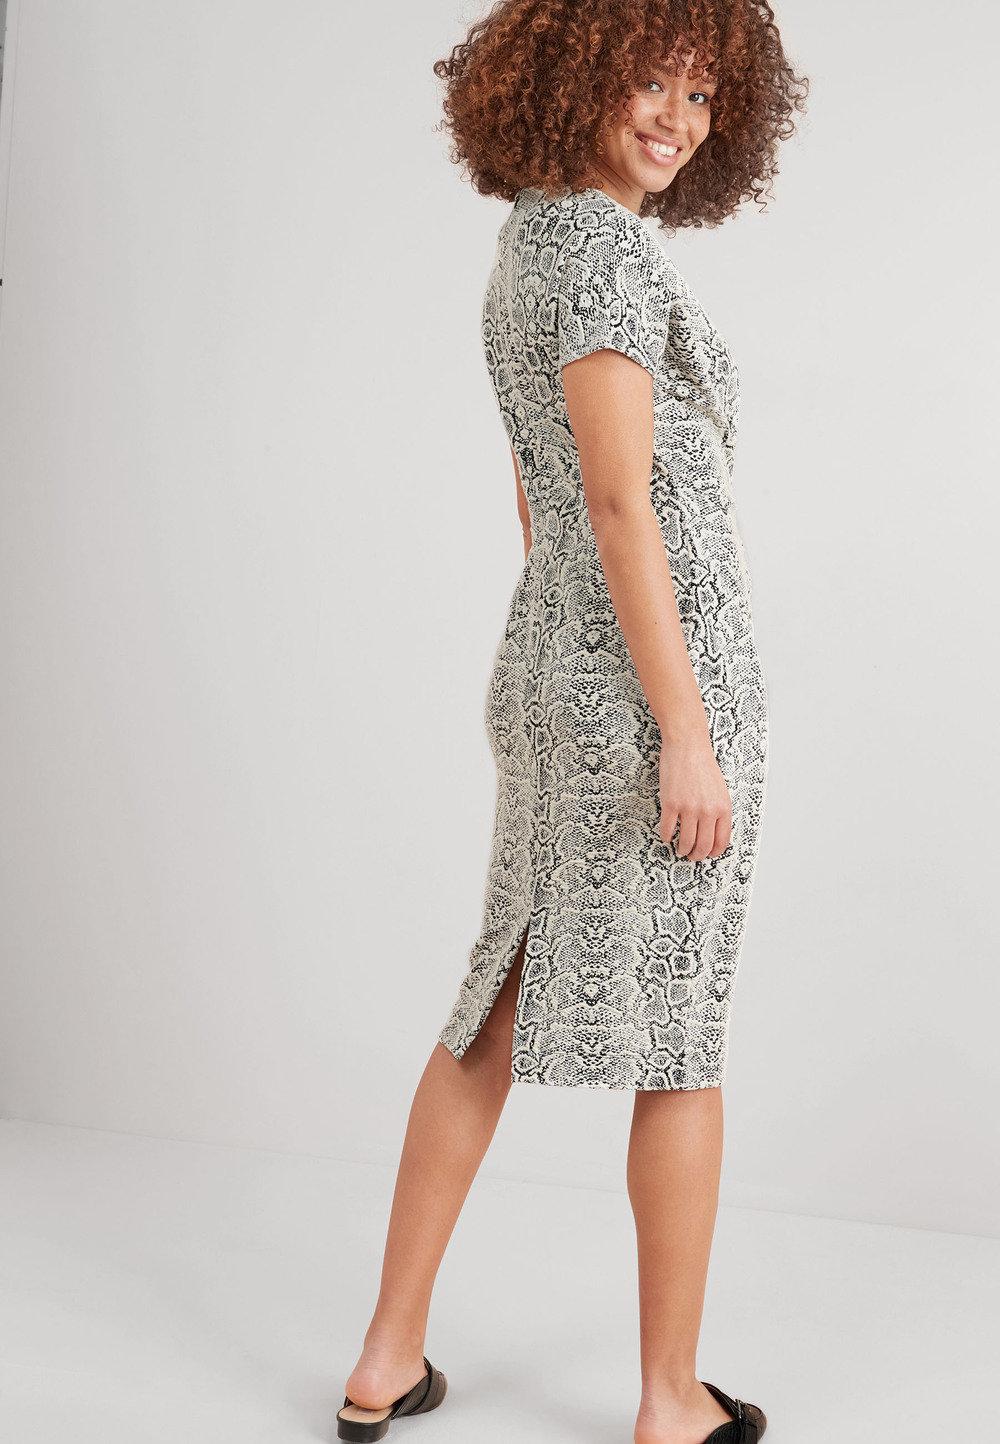 Online bodycon dress boutique